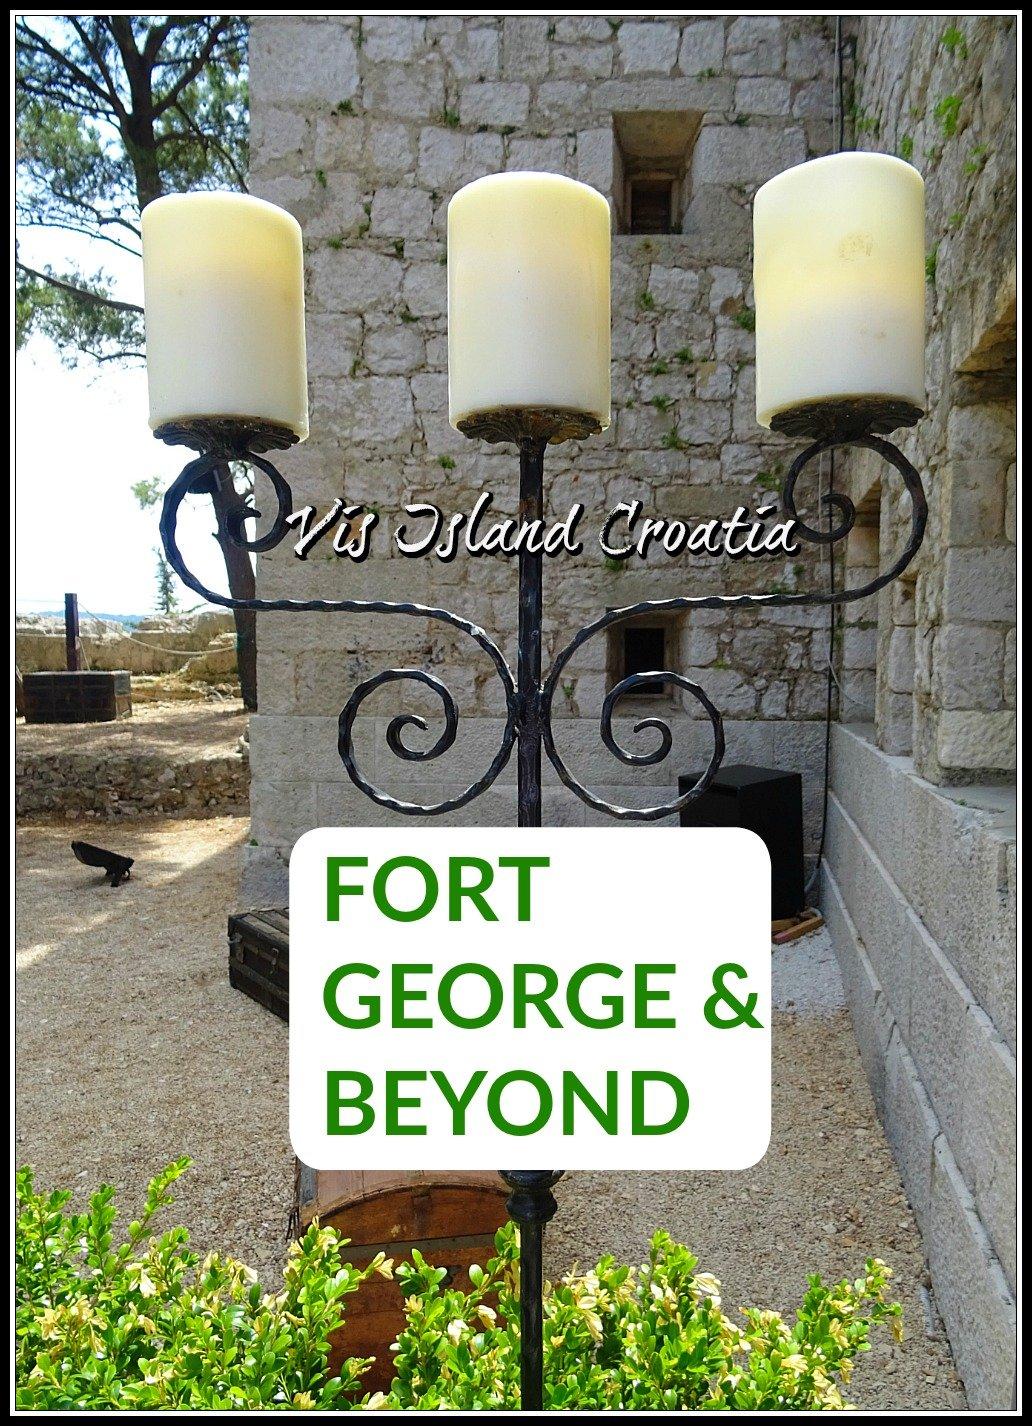 Fort George on Vis Island Croatia